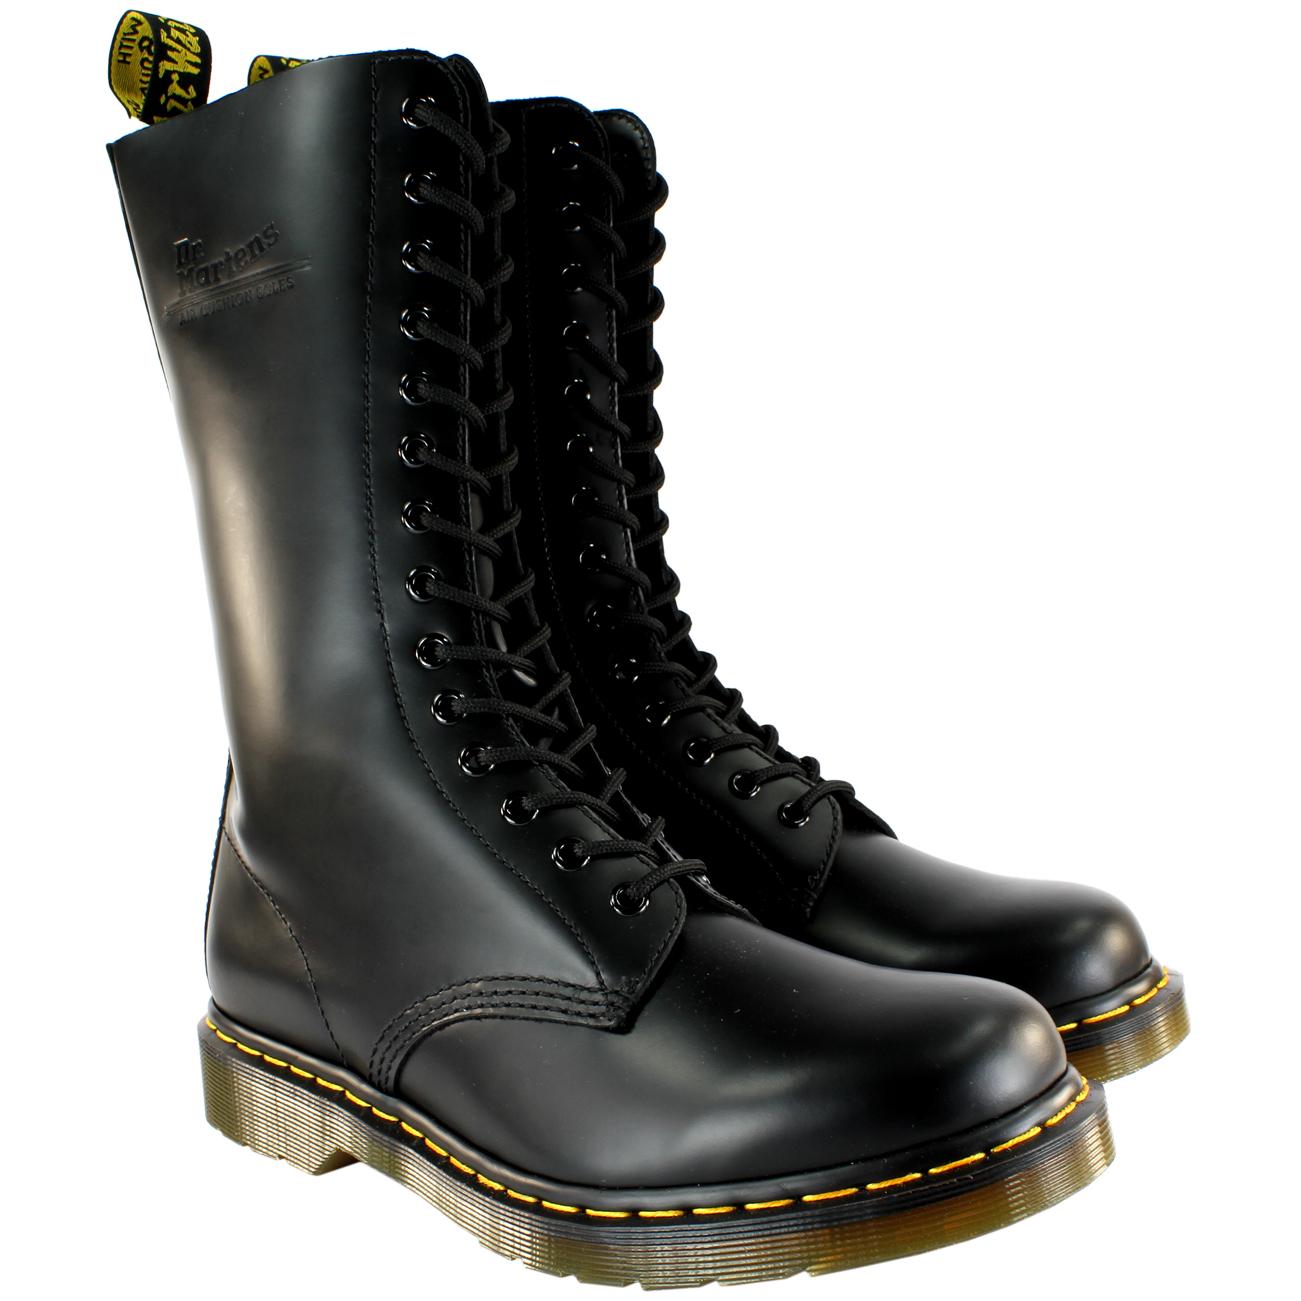 Dr Martens 1914 Mid Calf Boots